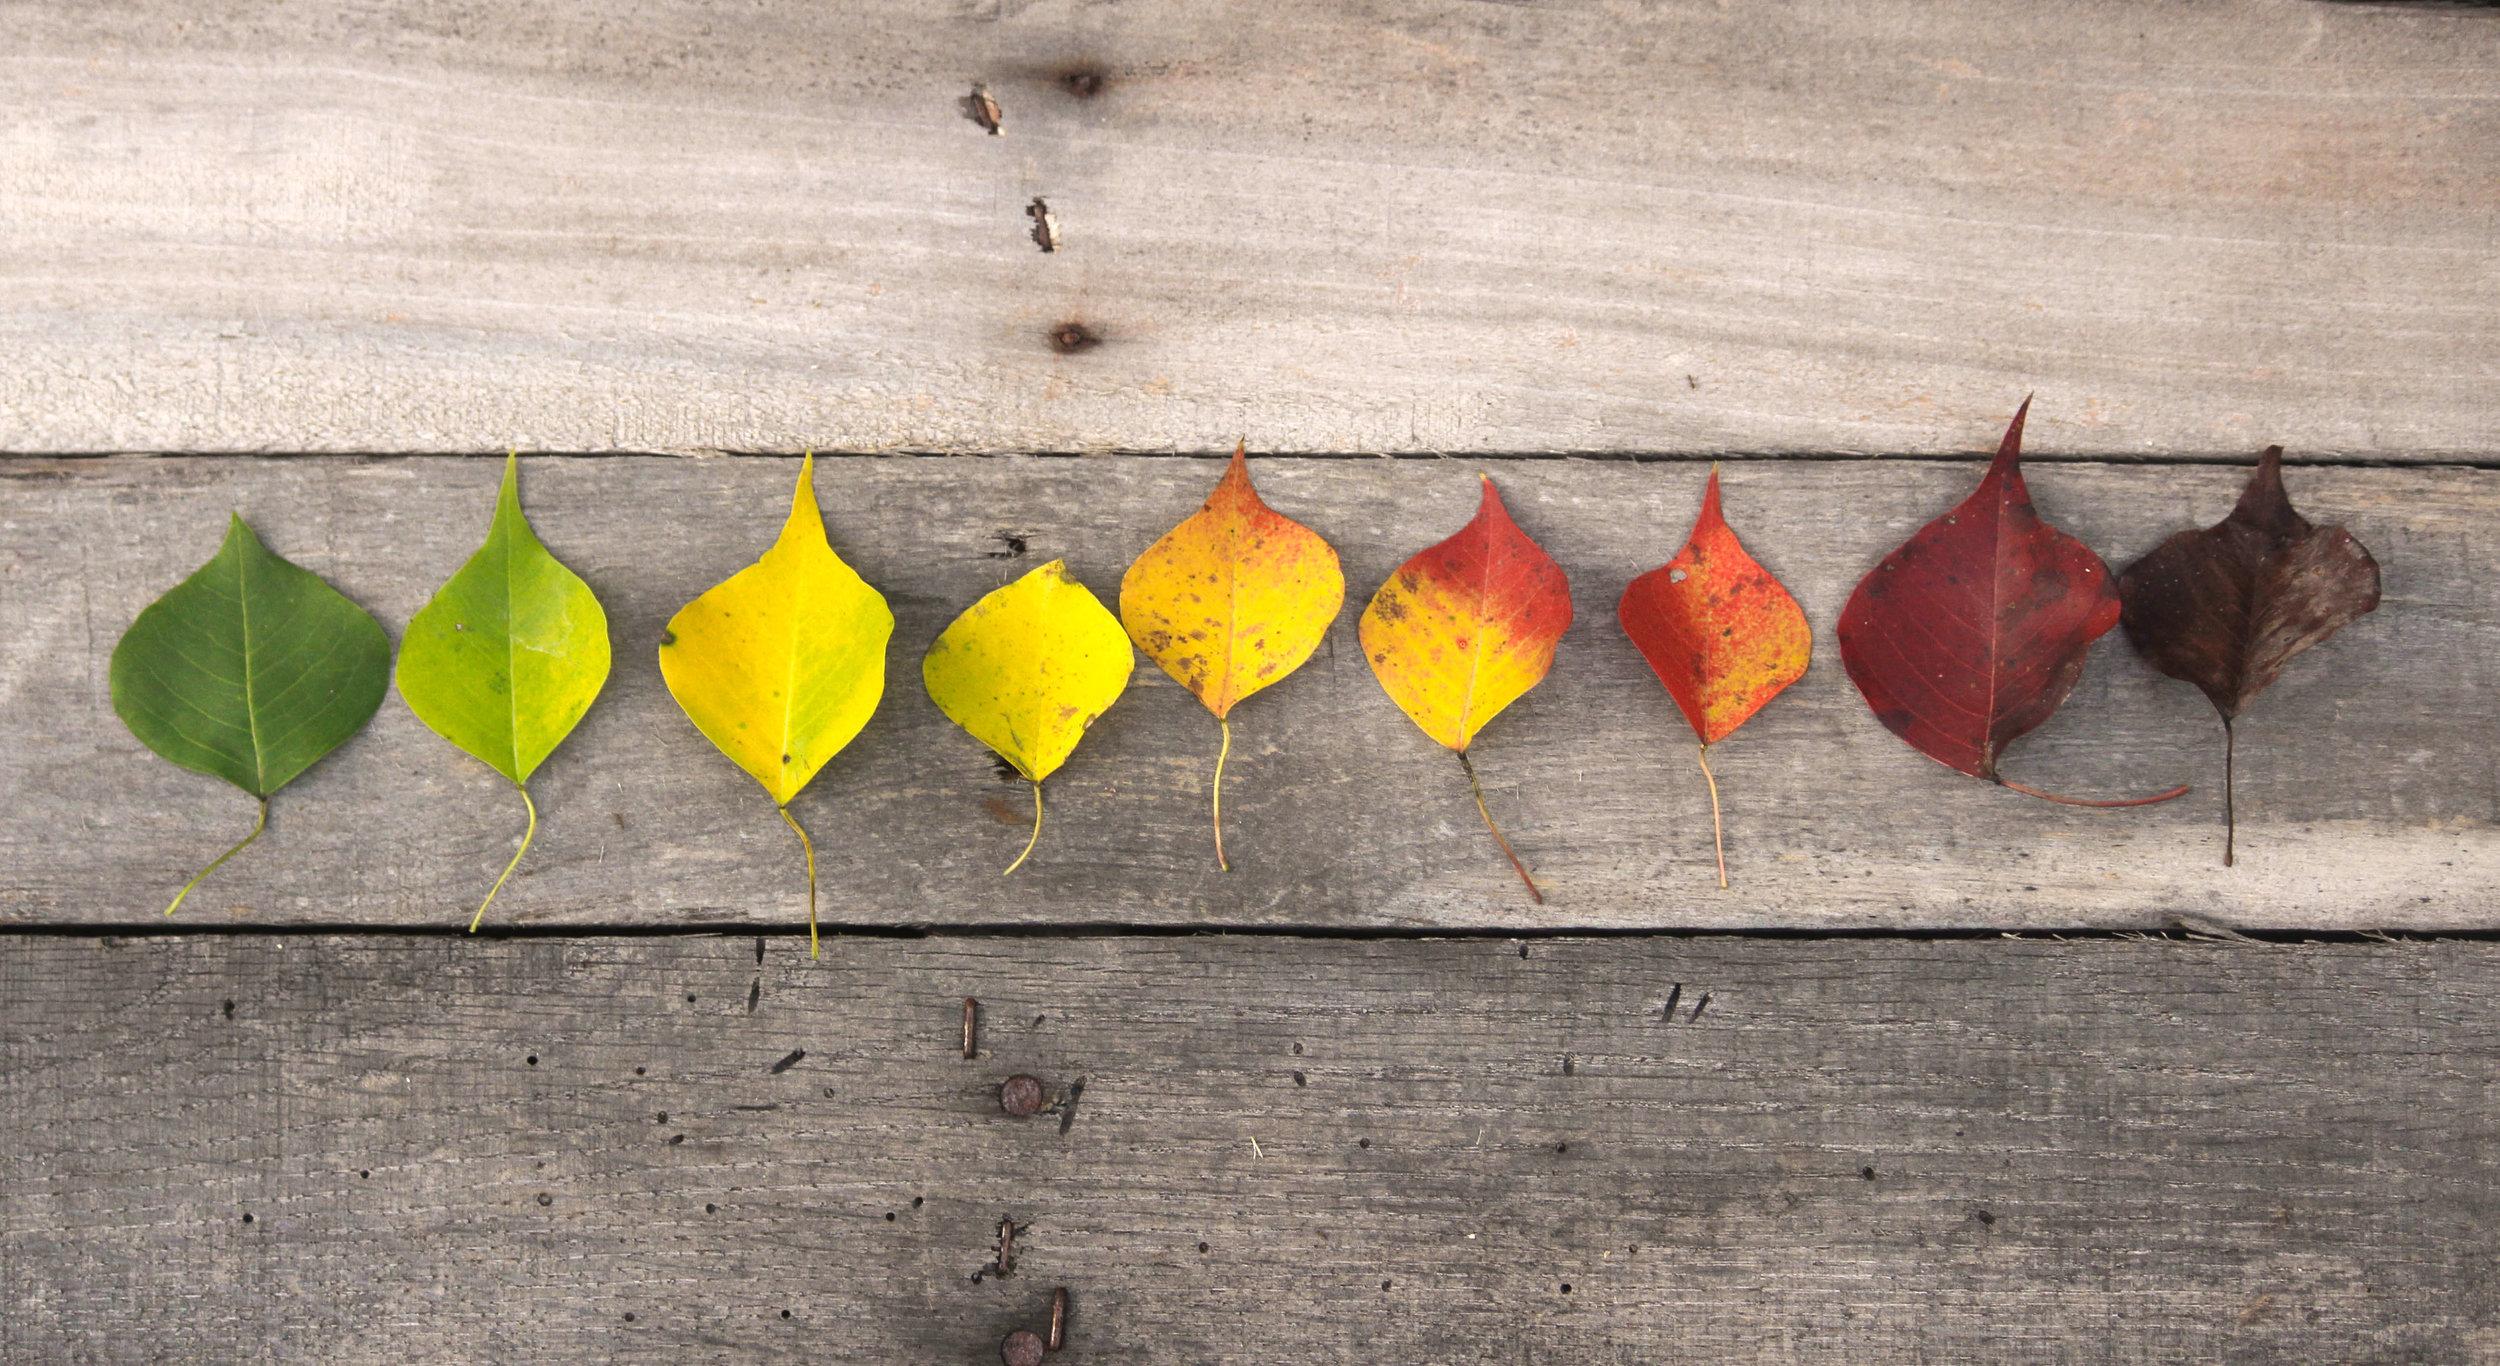 SOC Leaves - StockSnap_OX253EDR6R_1.jpg